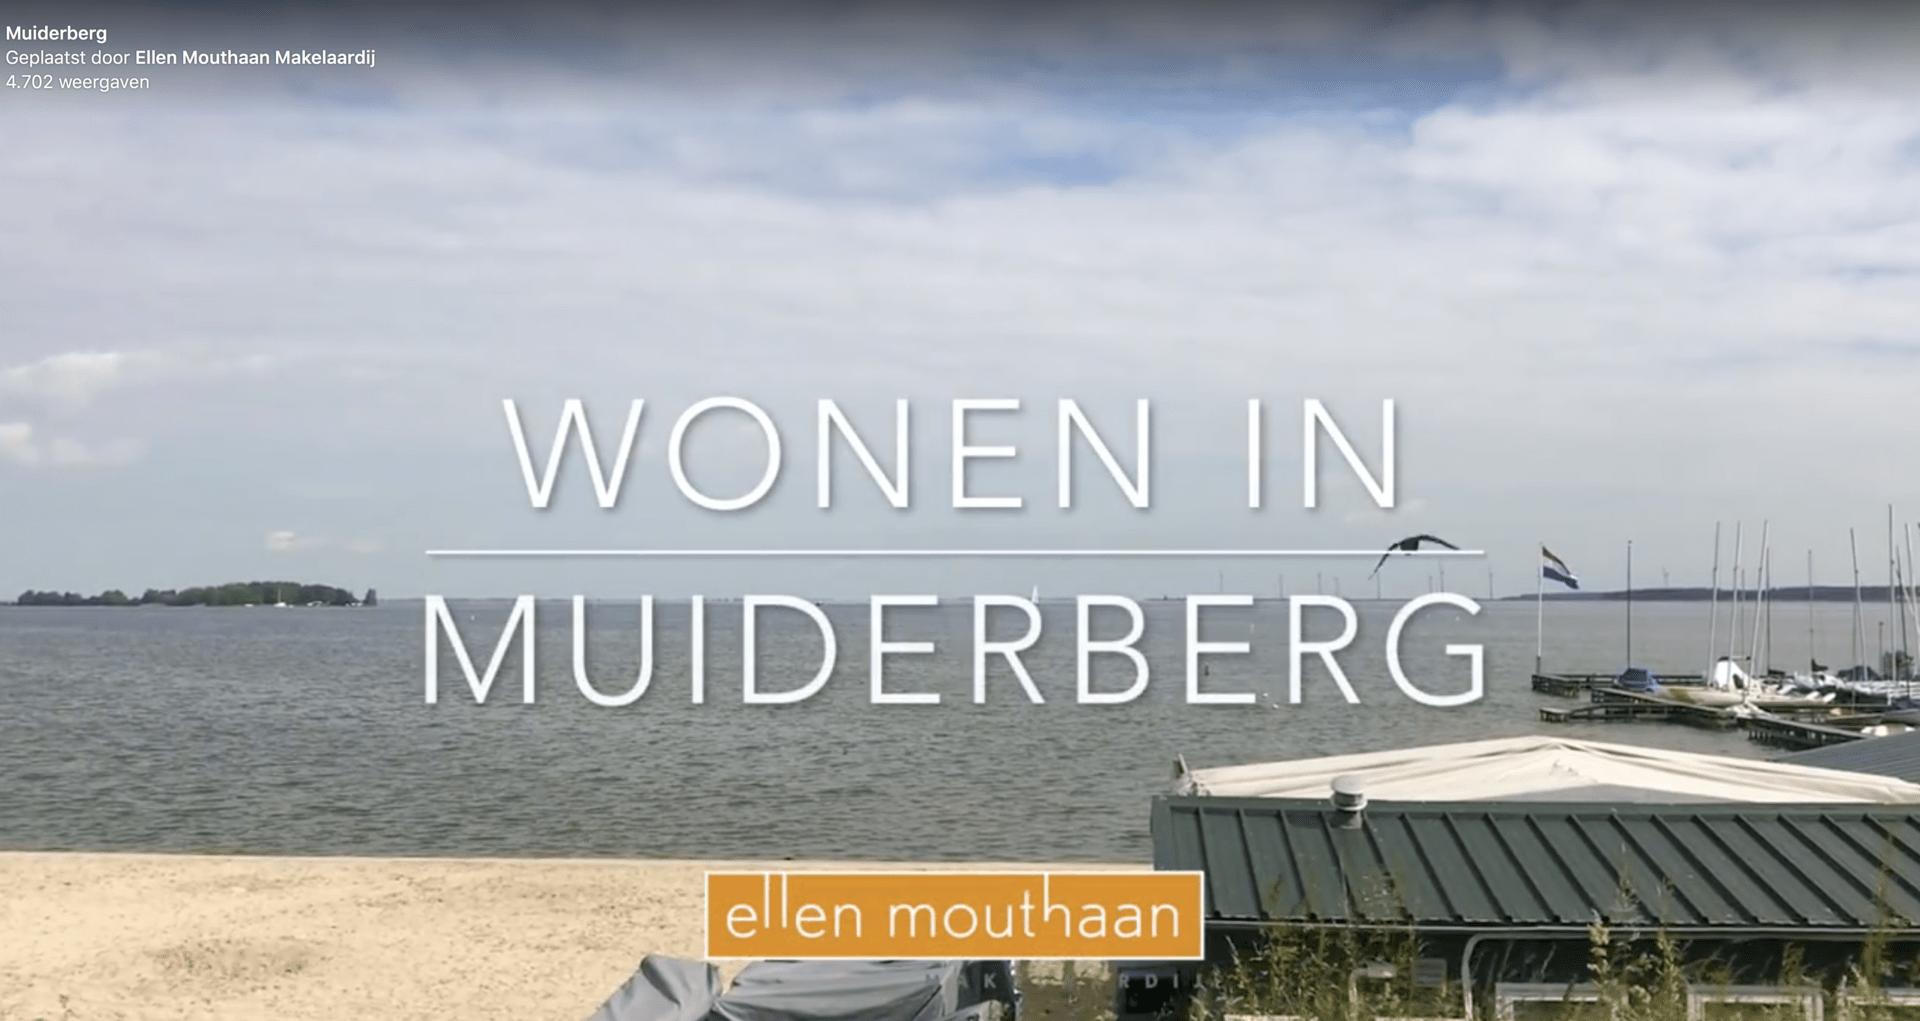 Wonen in Muiderberg?!